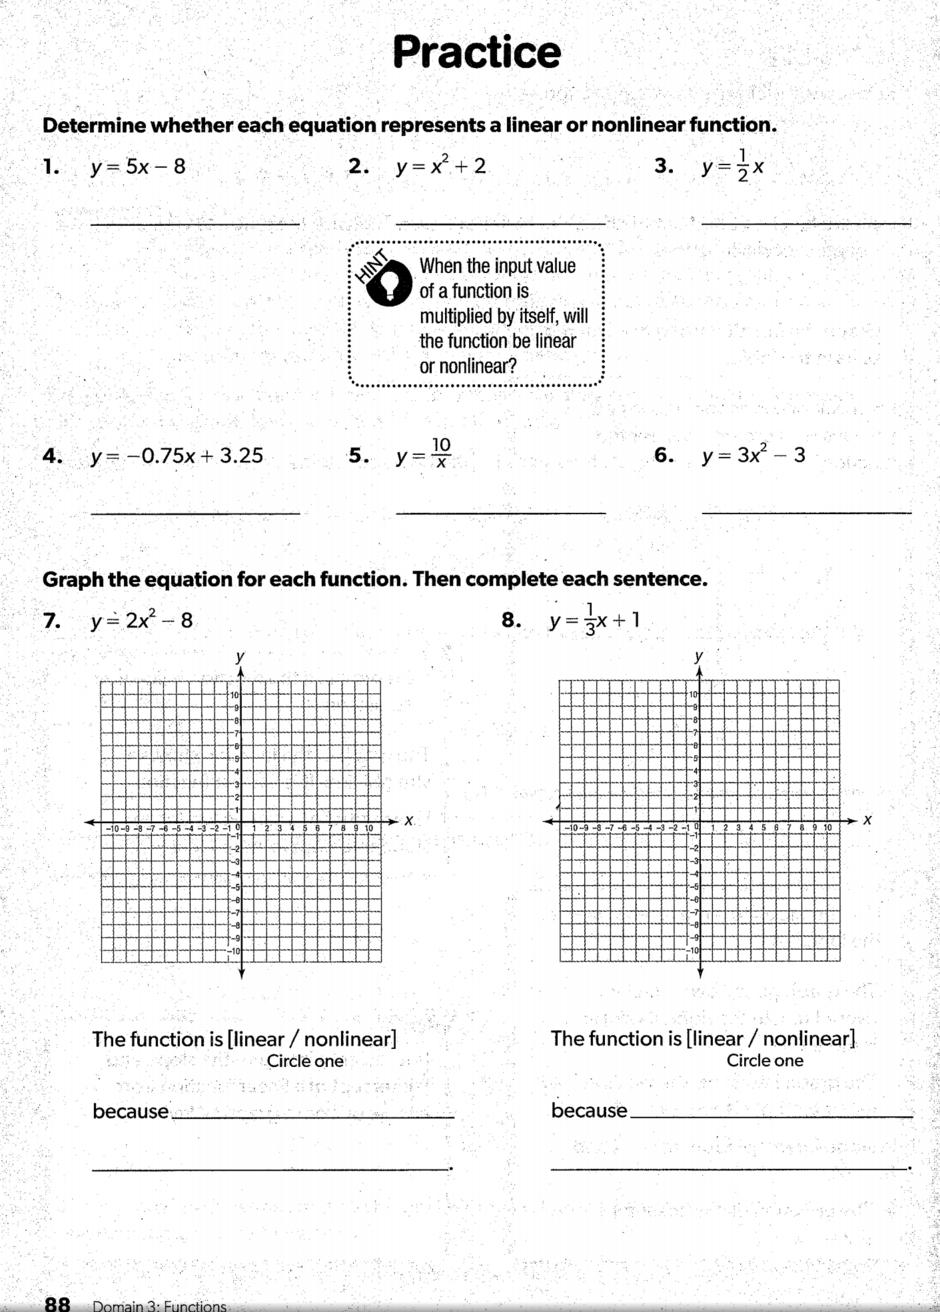 monday 1/22 - ms. marfat's math classes